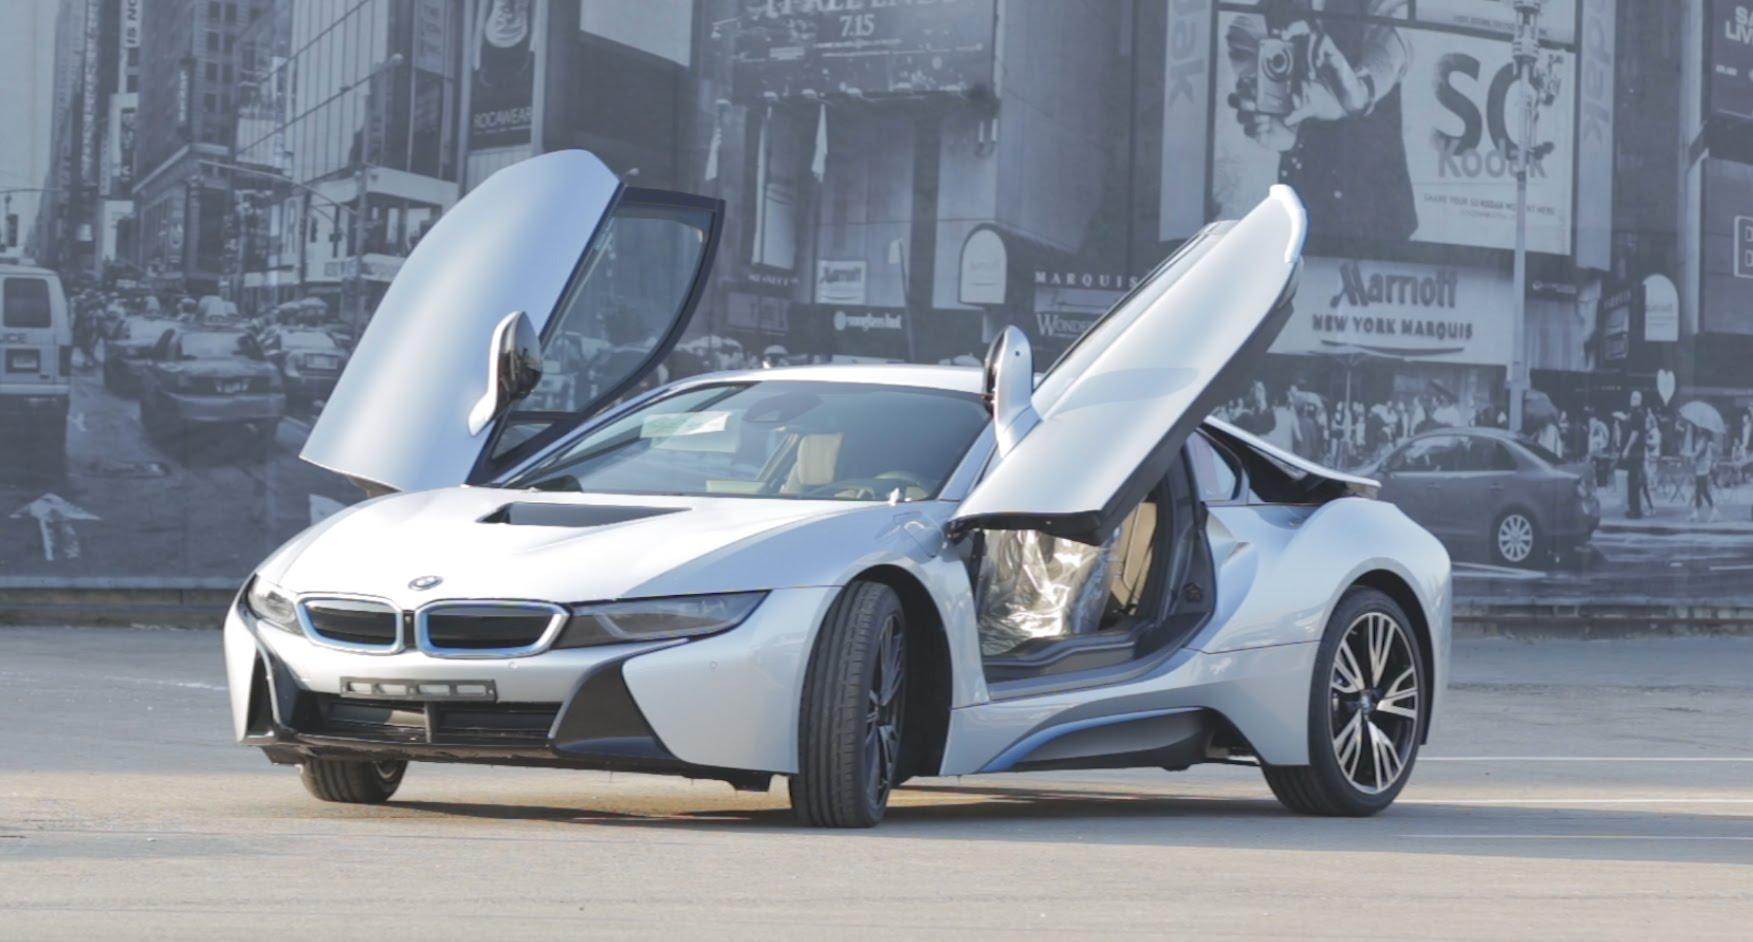 VIDEO: Latvijā ierodas jaunais BMW hibrīds i8! (BMW hybrid i8 travels to Latvia!)